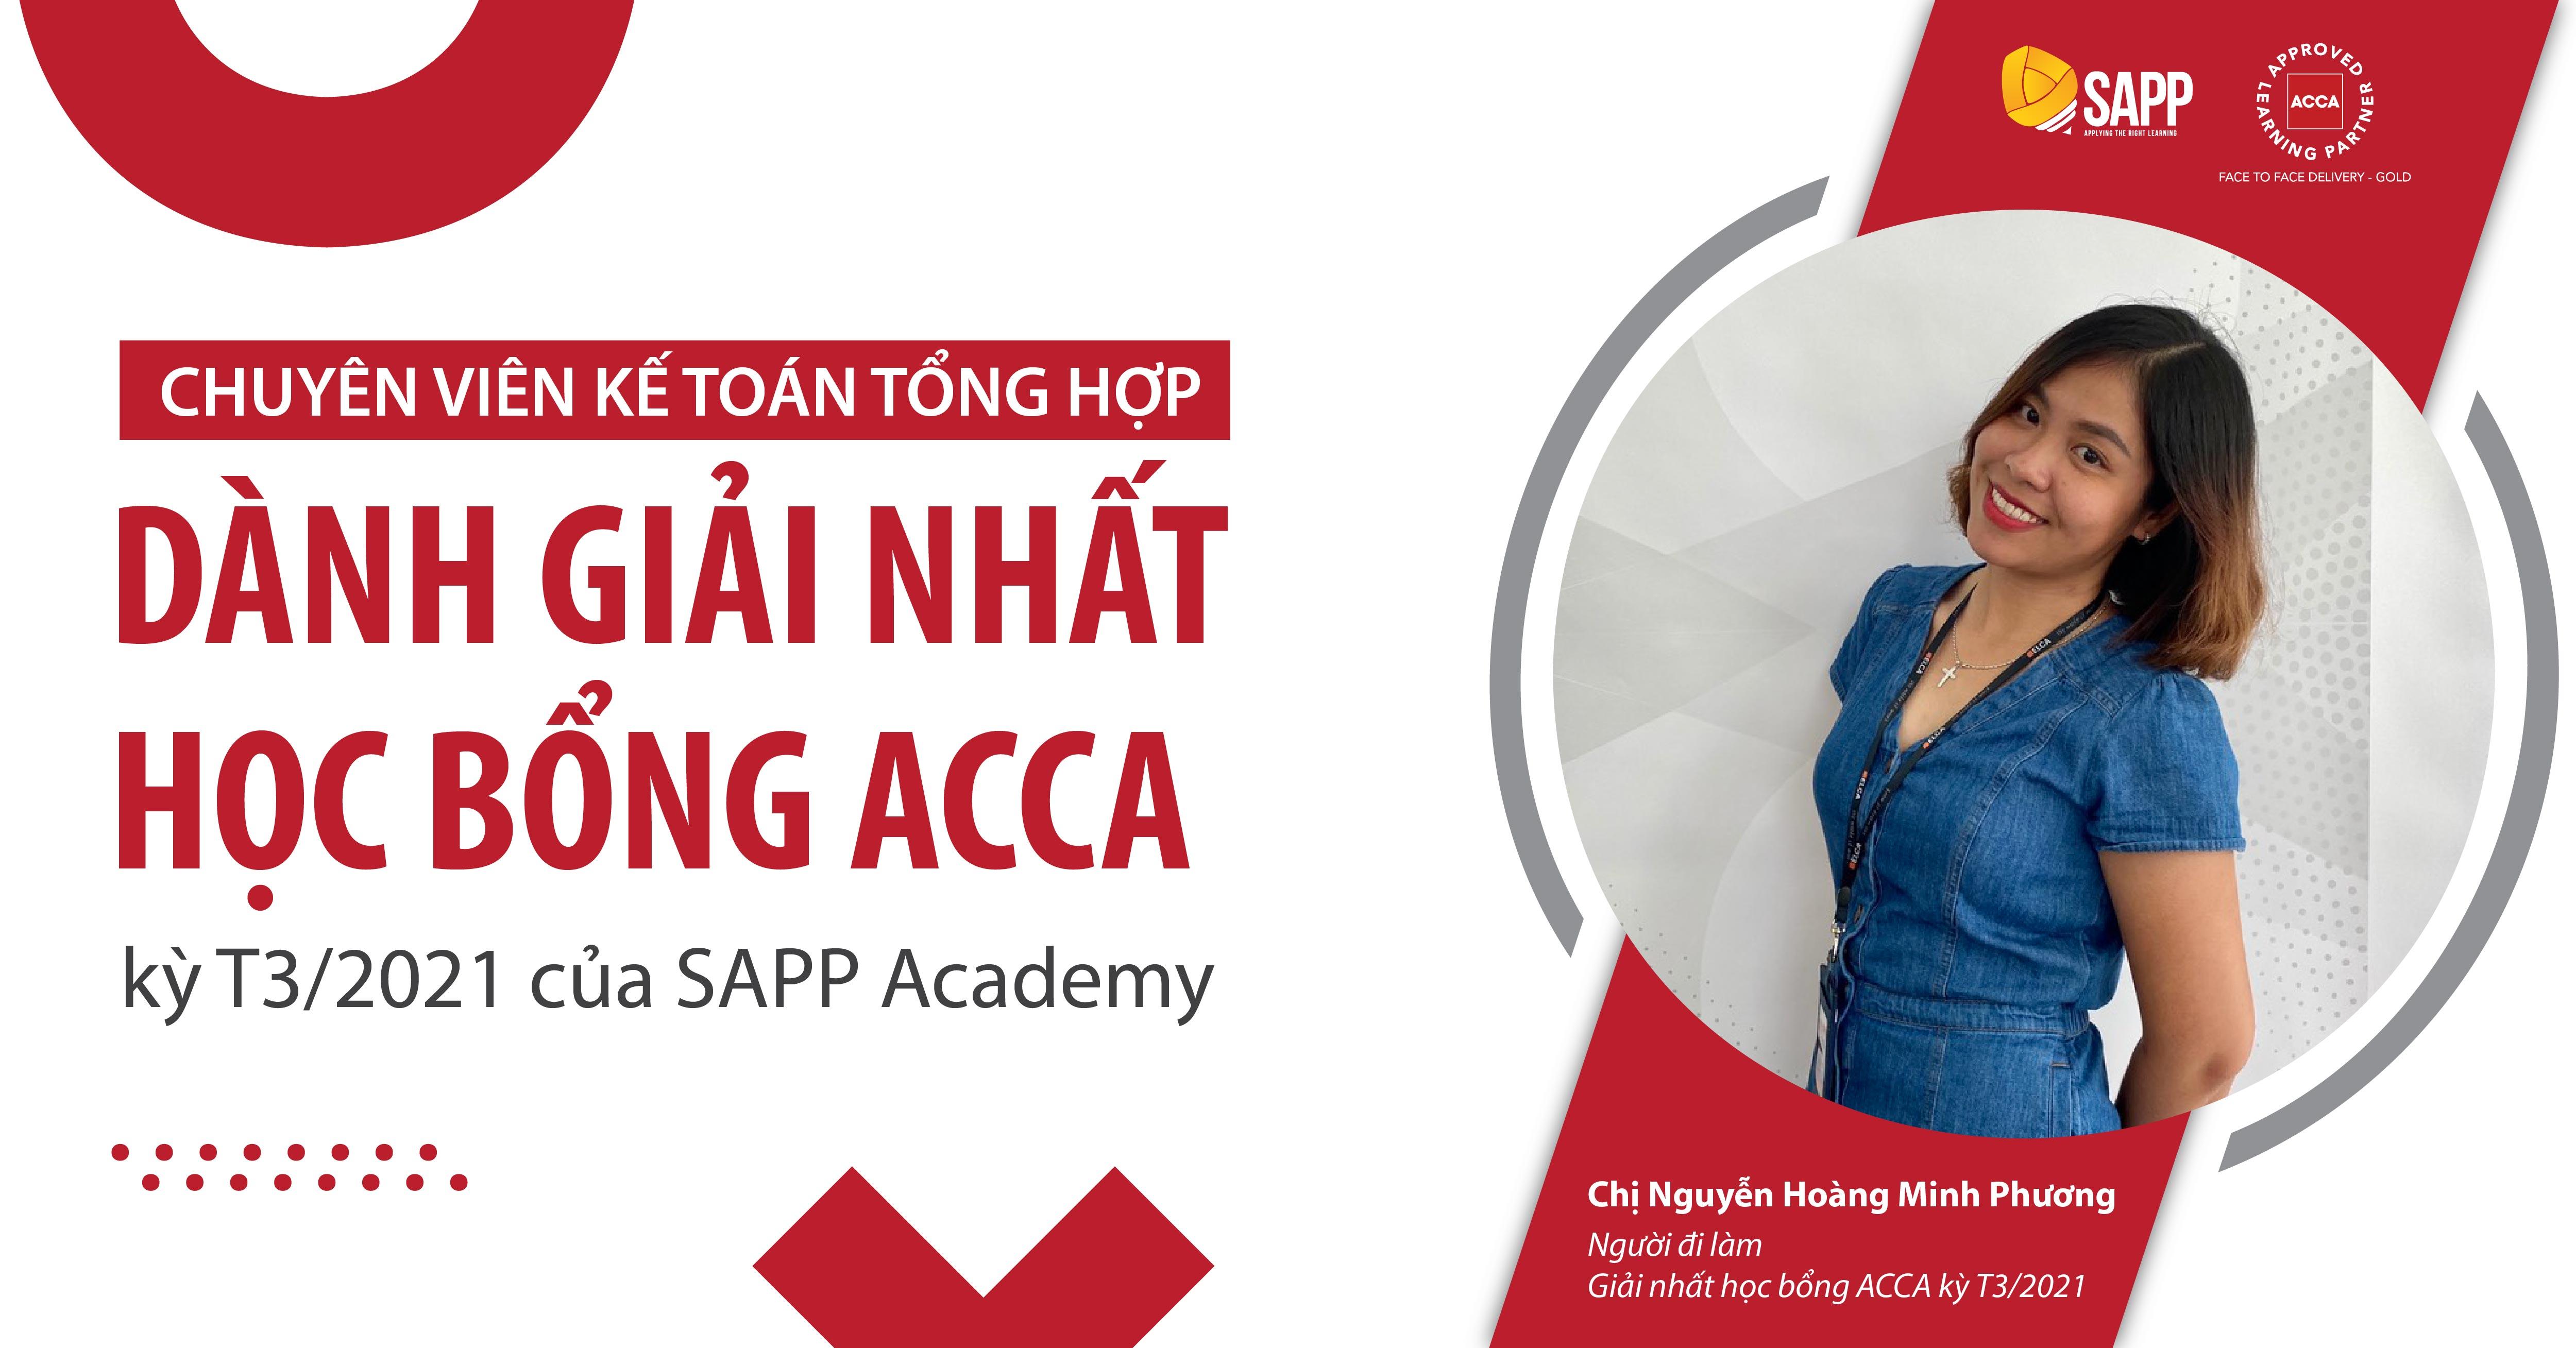 Lần đầu xin học bổng, chuyên viên Kế toán tổng hợp đạt giải nhất học bổng ACCA kỳ T3/2021 của SAPP Academy